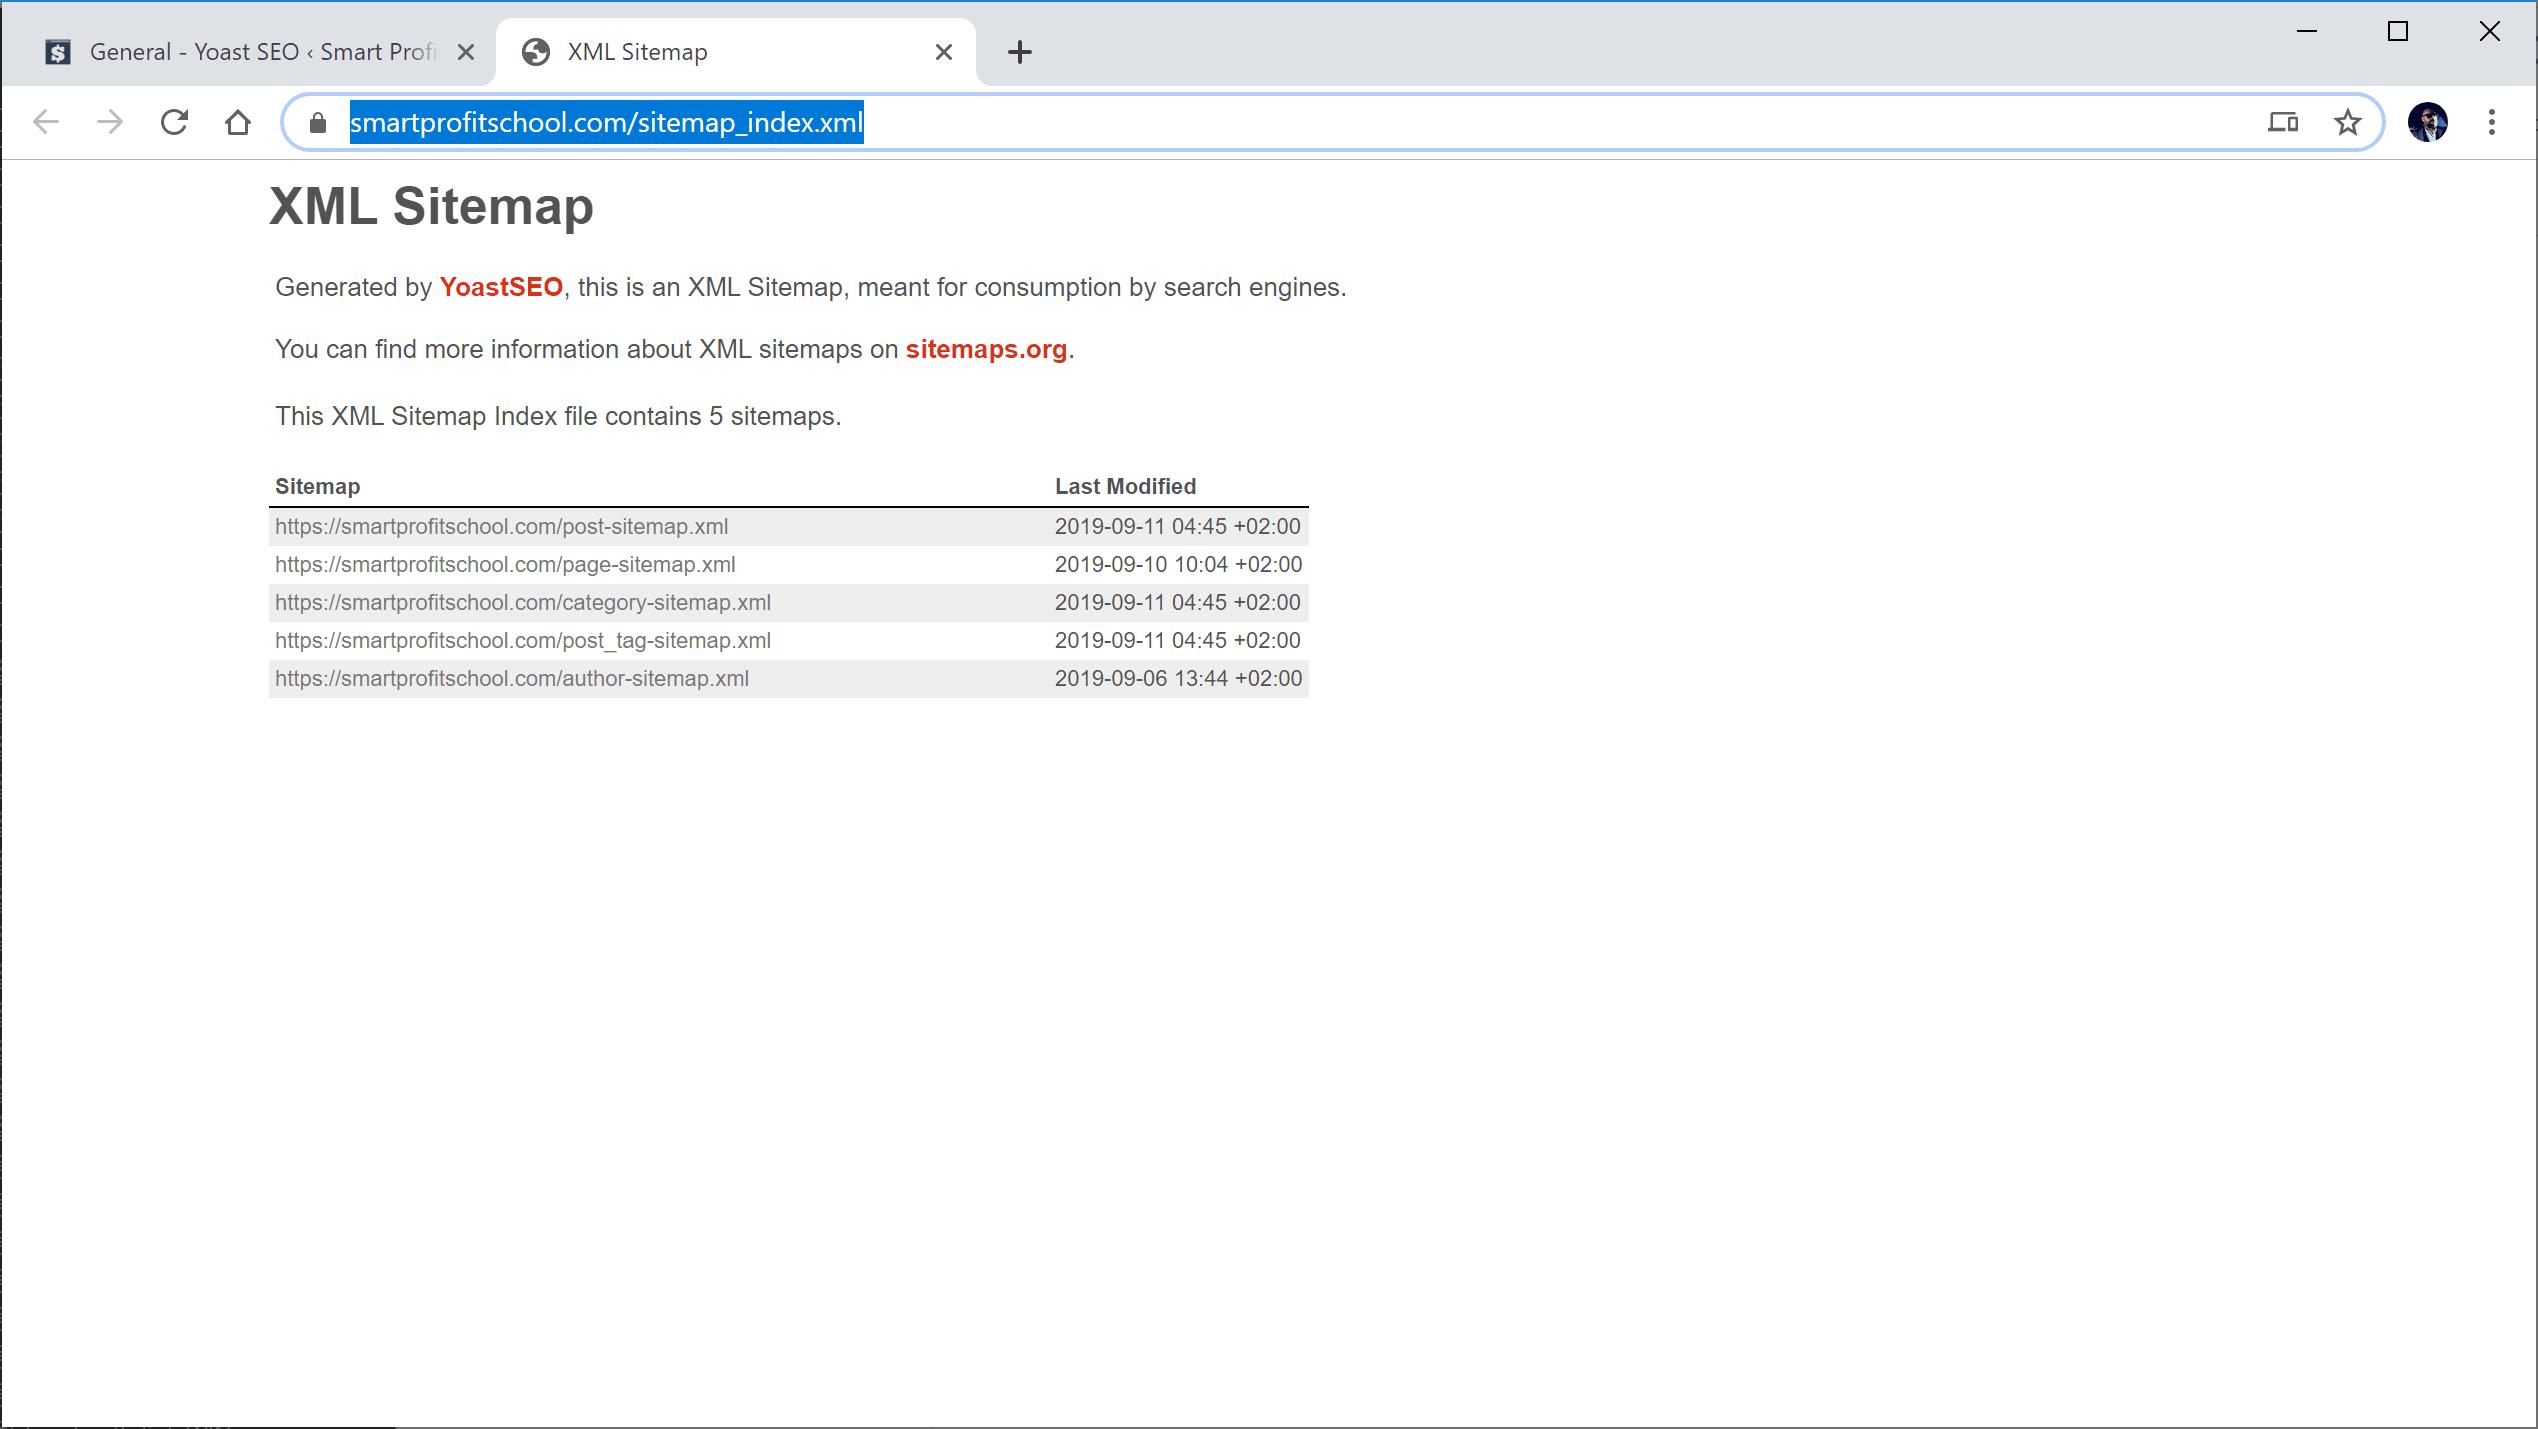 XML sitemaps URL